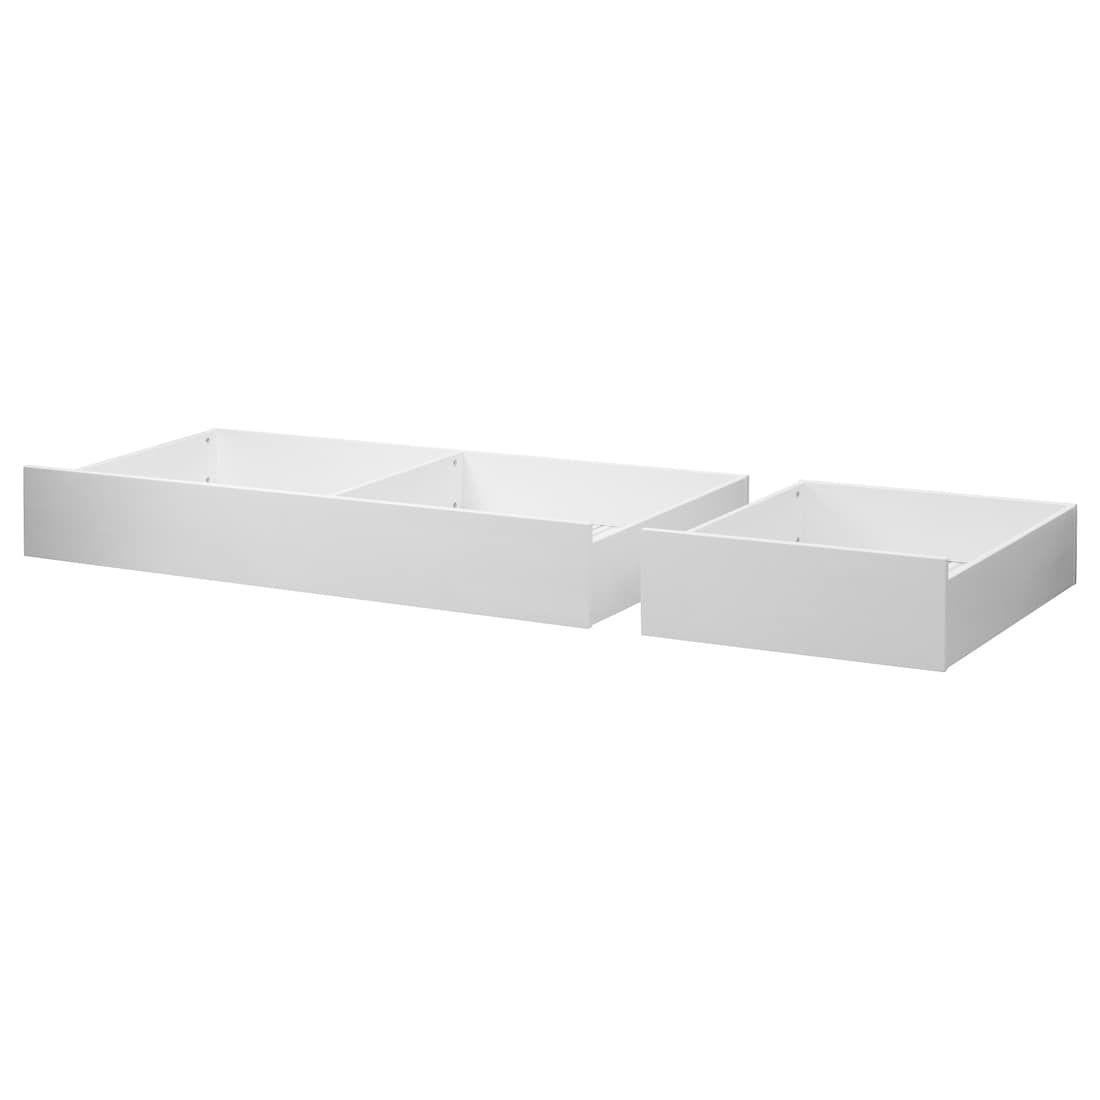 Hemnes Bettkasten 2er Set Weiss Gebeizt Weiss Las Ikea Deutschland In 2020 Under Bed Storage Hemnes Ikea Hemnes Bed